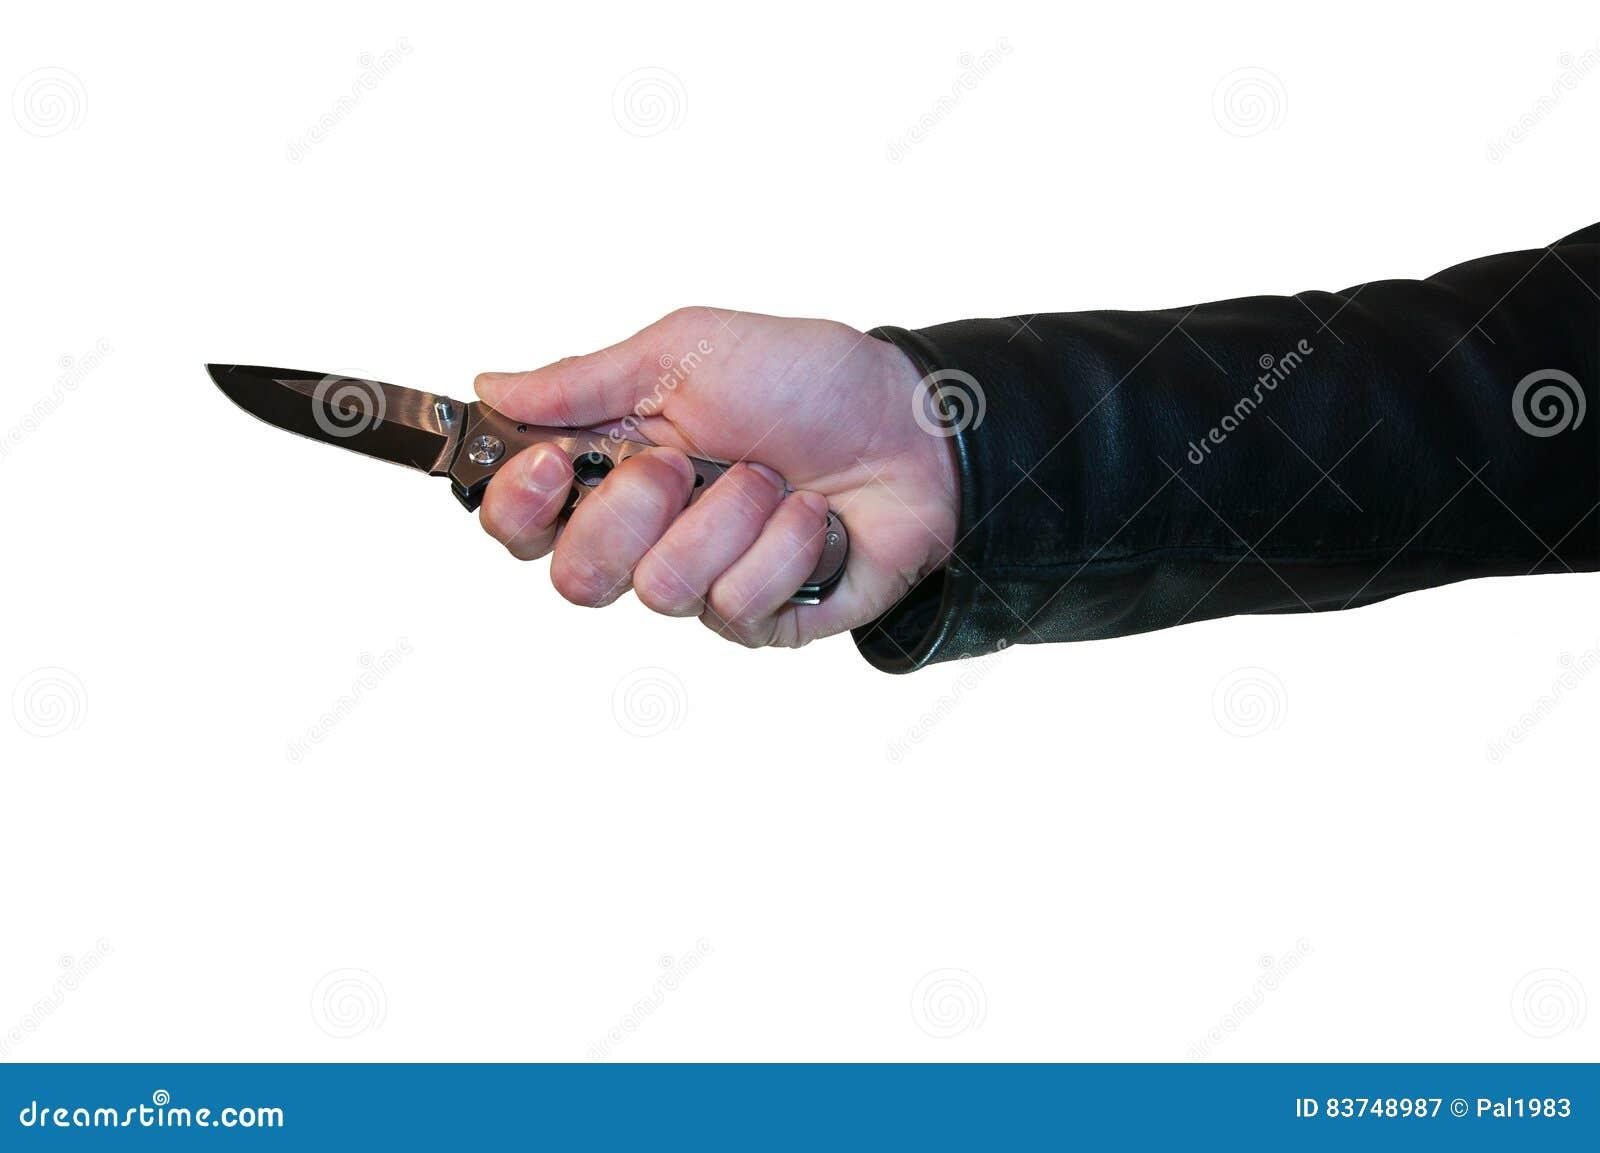 刀子在手中